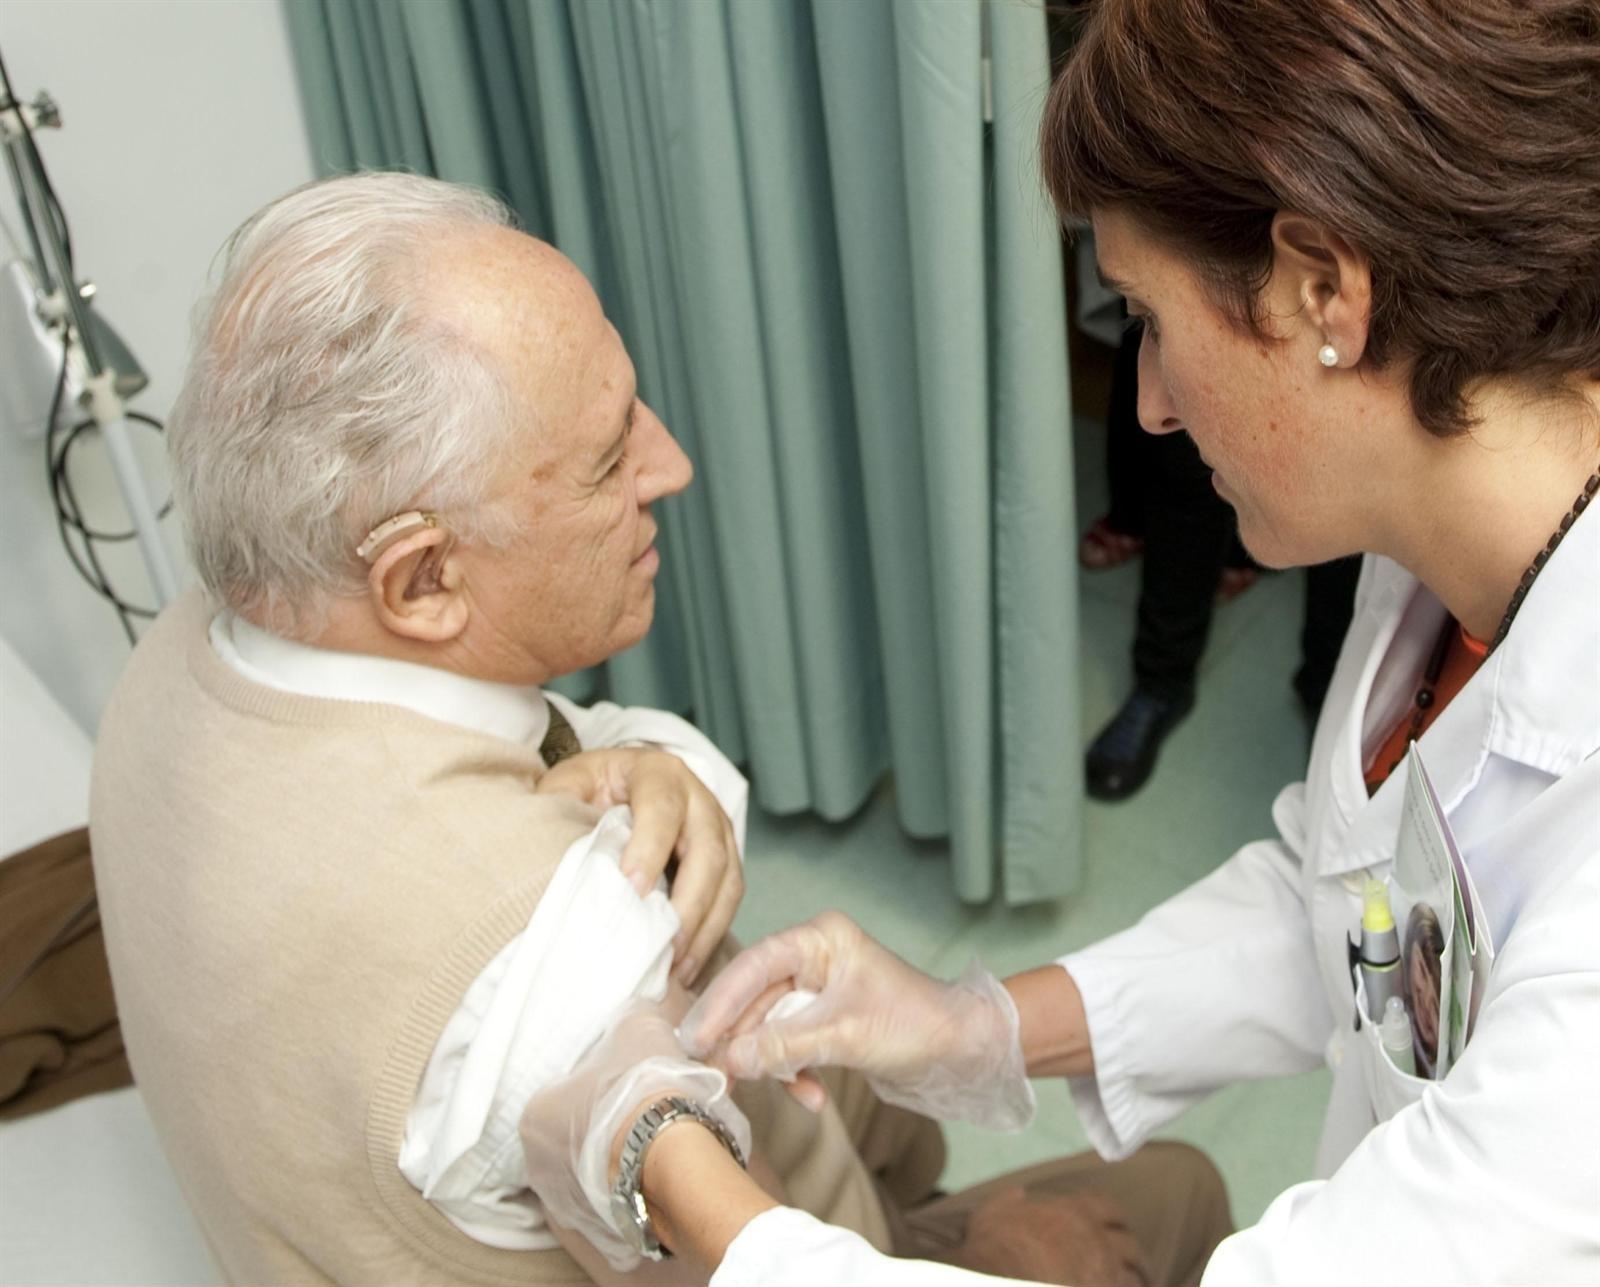 Aragón registra 148,5 casos de gripe por cada 100.000 habitantes, algo superior a la media nacional